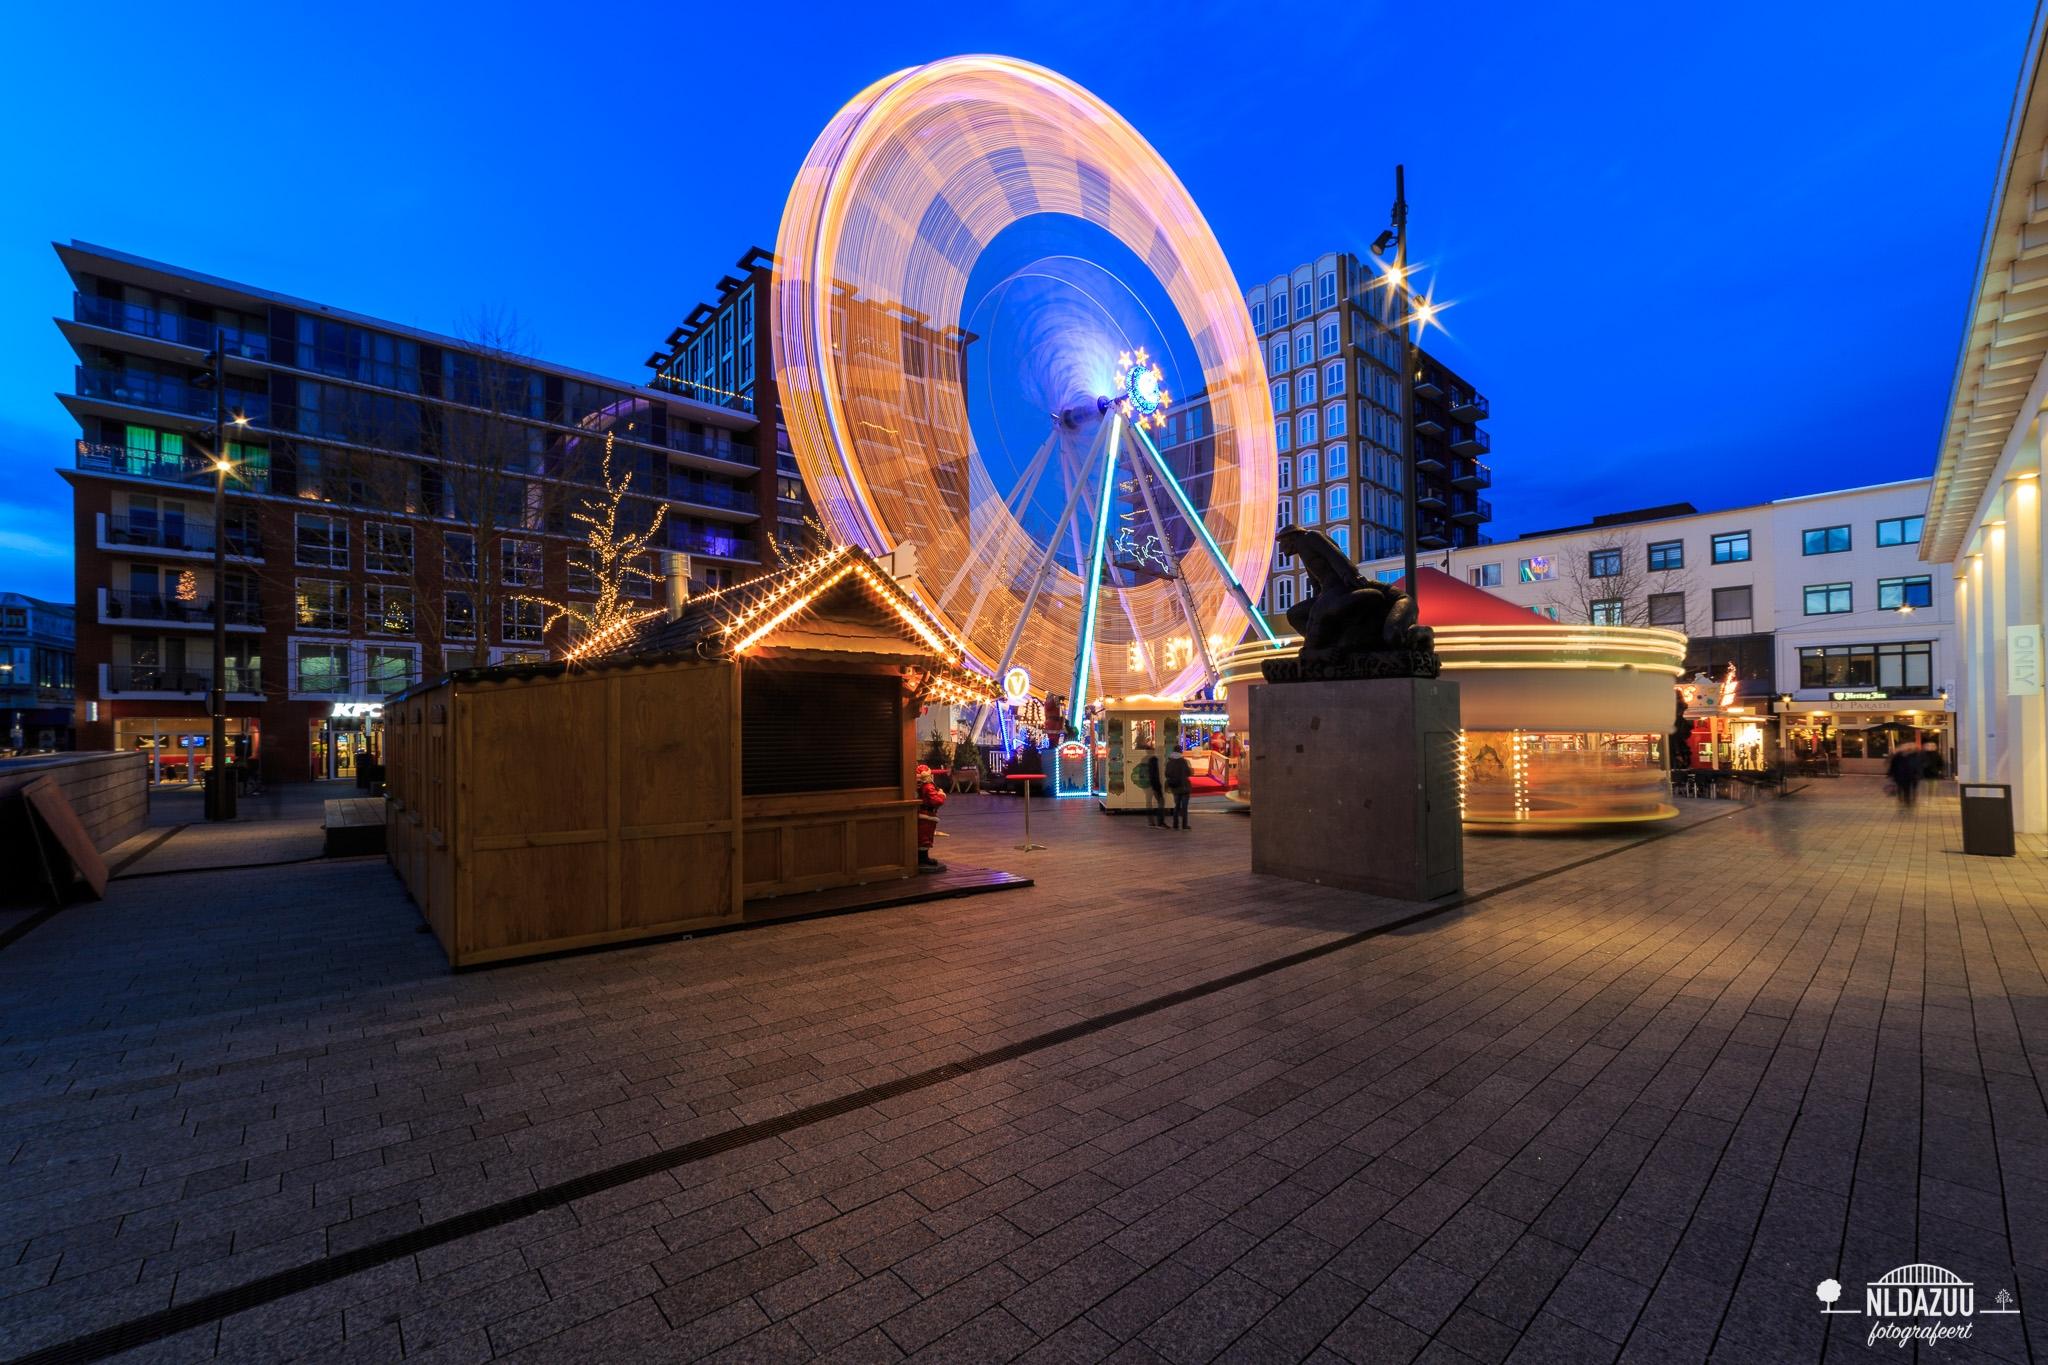 nldazuu fotografeert blauwe uur, Blue hour opname van de kerstmarkt op Plein 44 te Nijmegen